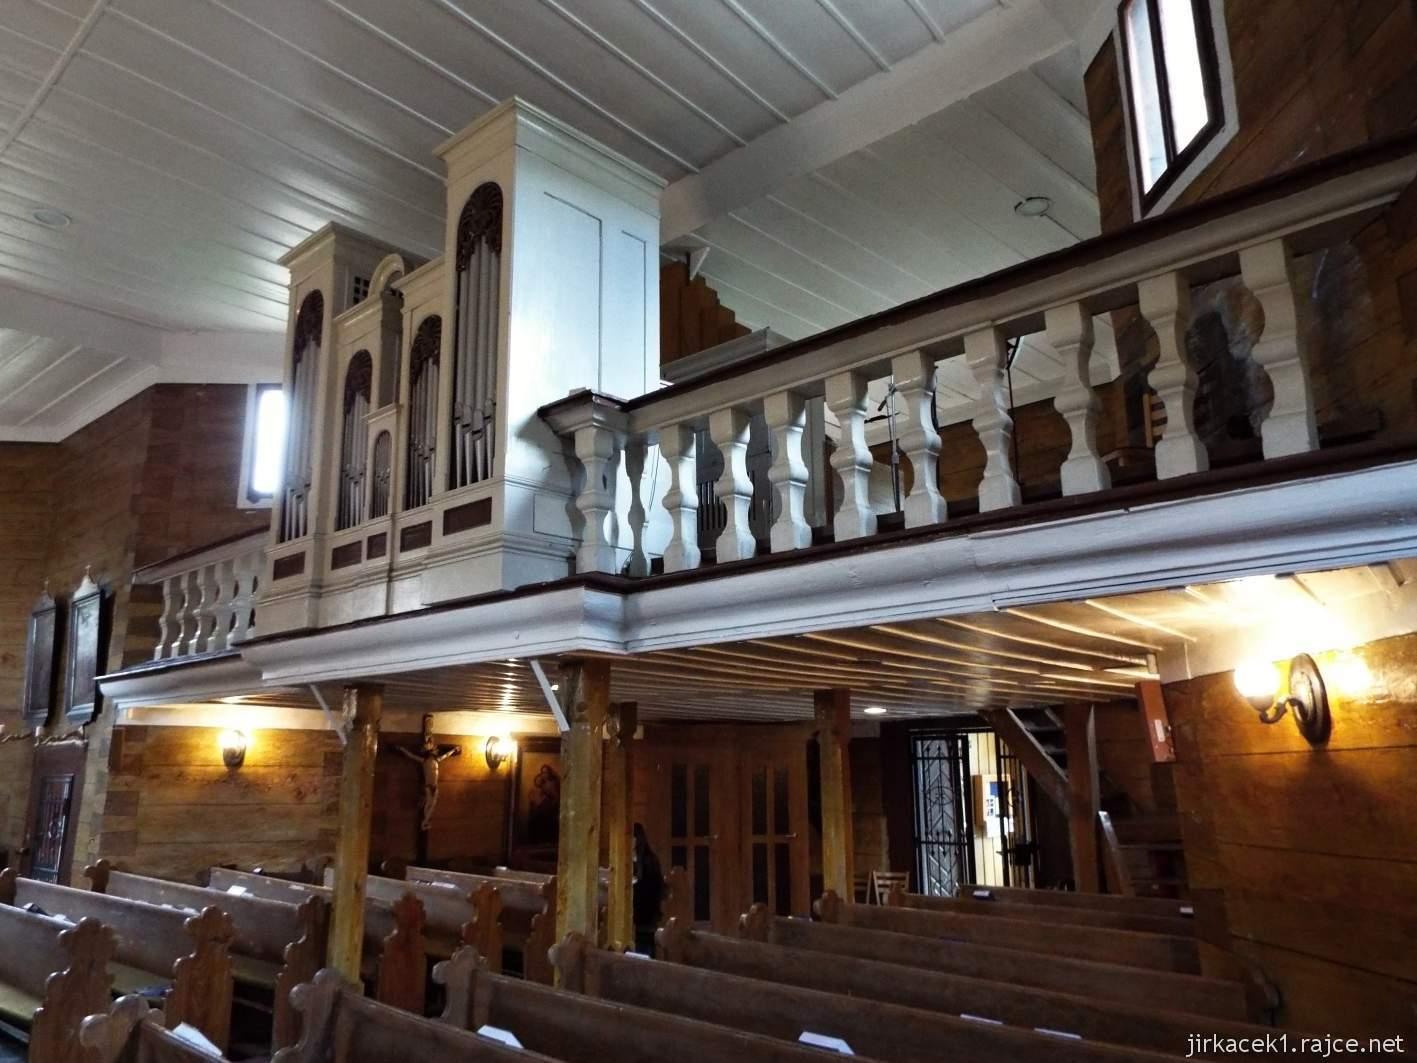 Velké Karlovice - Kostel Panny Marie Sněžné 13 - interiér kostela - kruchta